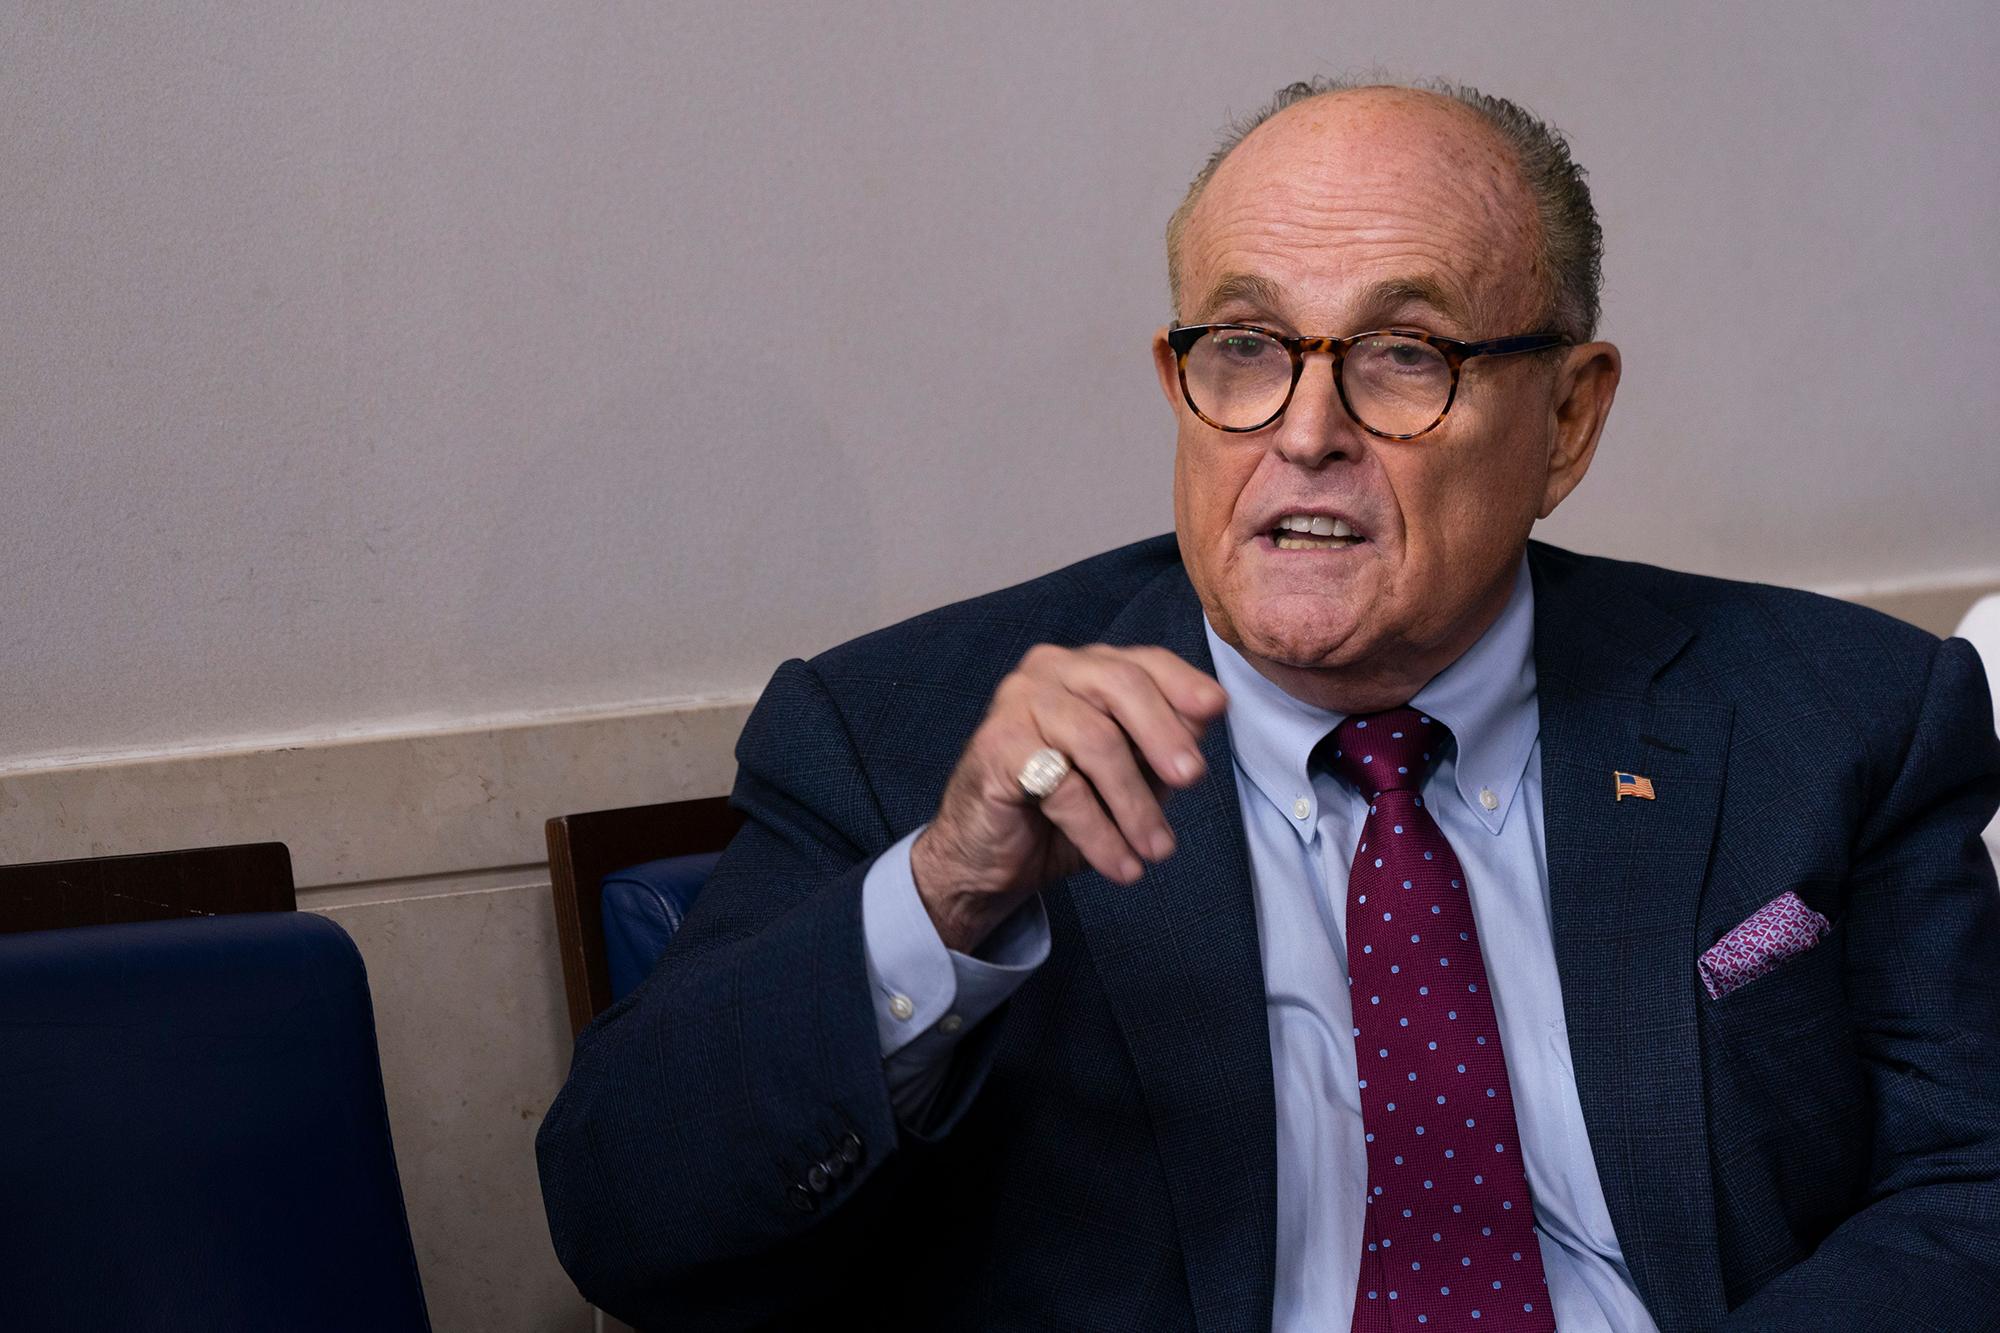 Rudy Giuliani thinks he's dodged COVID-19 since Trump meeting